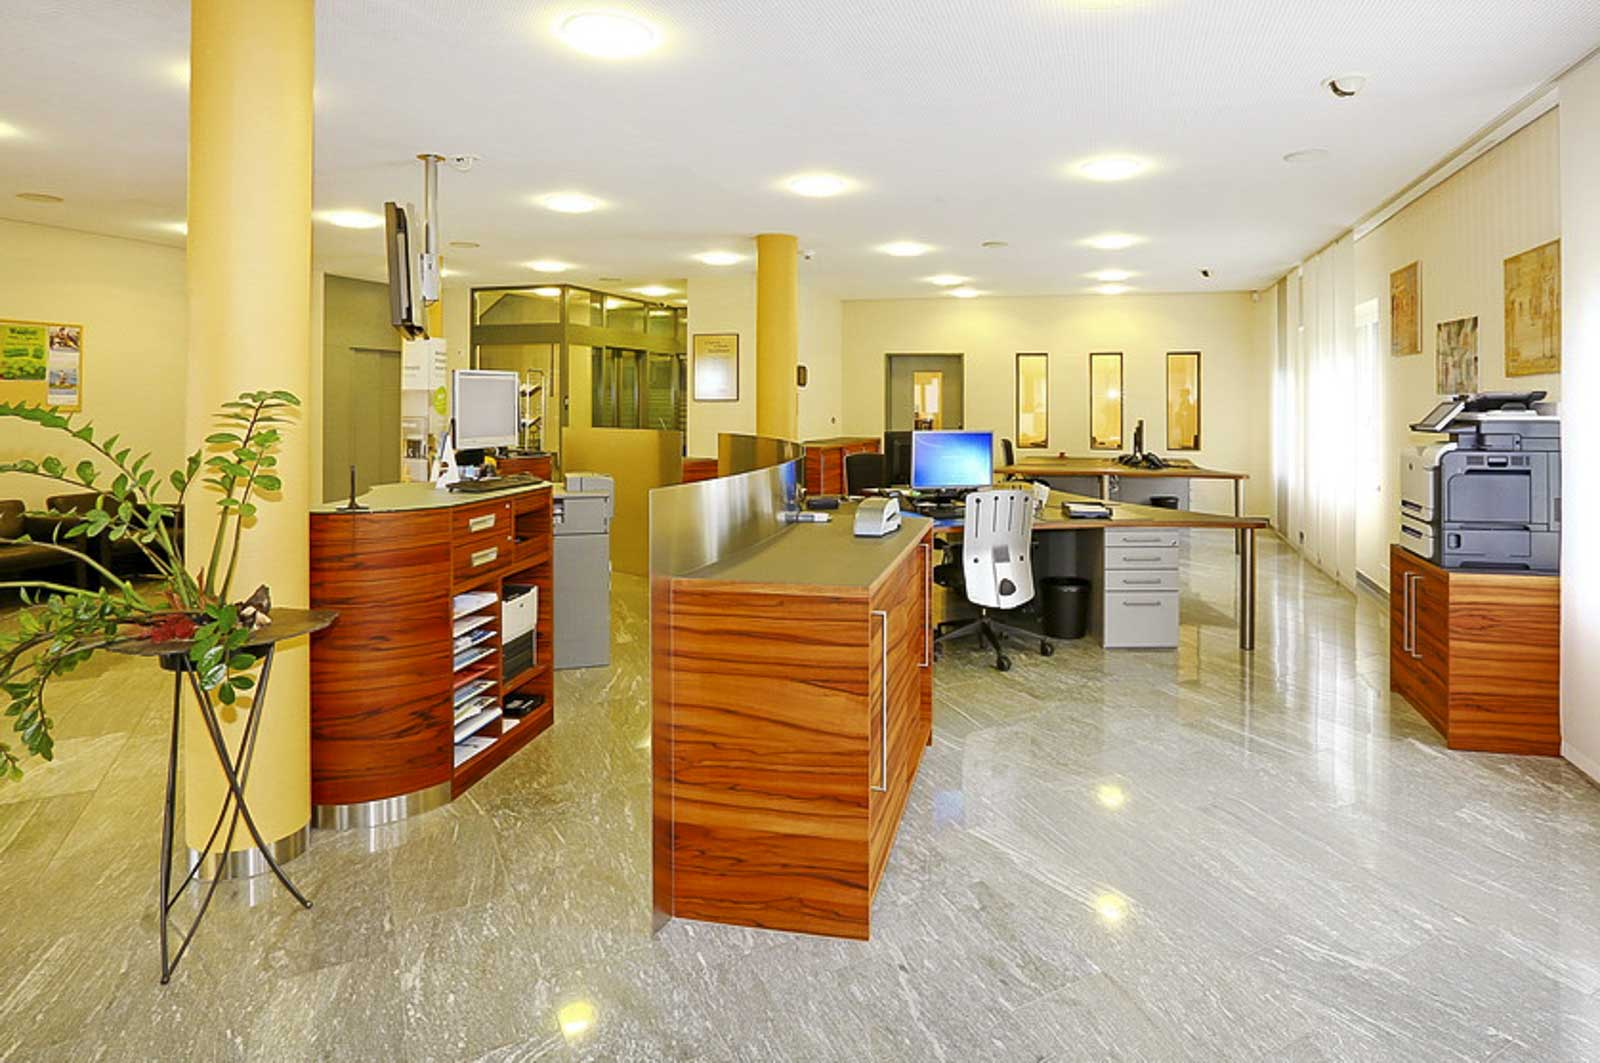 Wooddesign_öffentliche Bauten_Schalteranlage_Raiffeisen Giffers_Beraterbank_Möbel_Empfangskorpus (9)